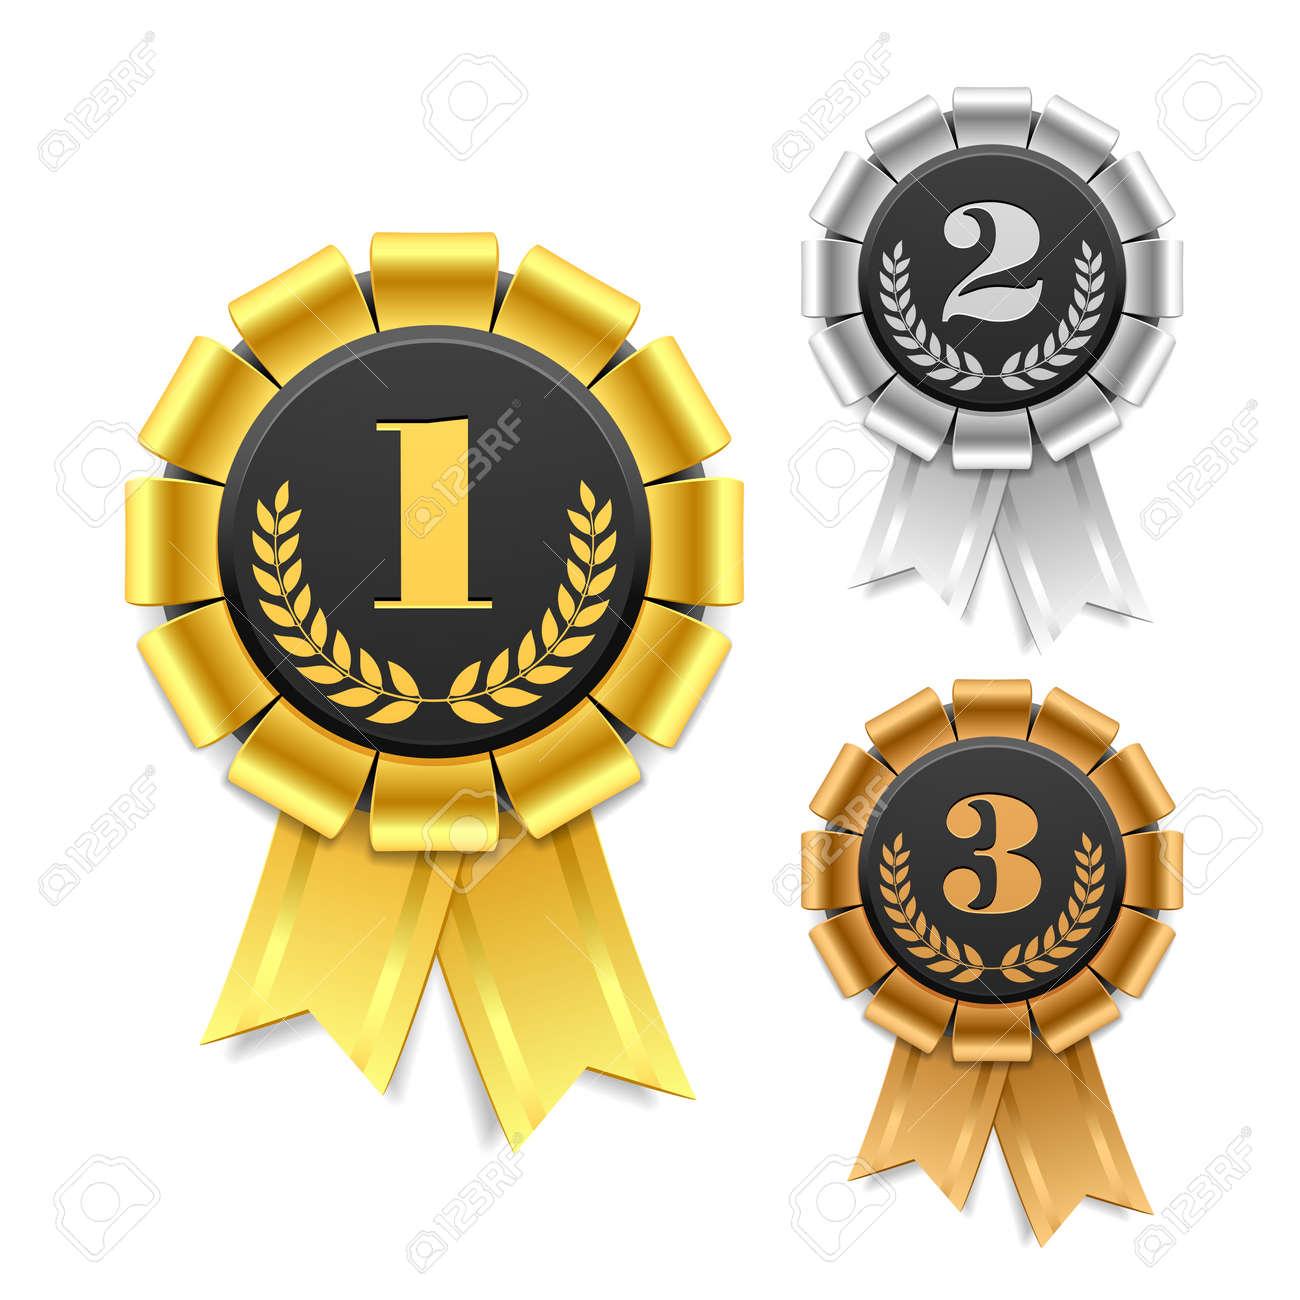 Award ribbon - 13203637